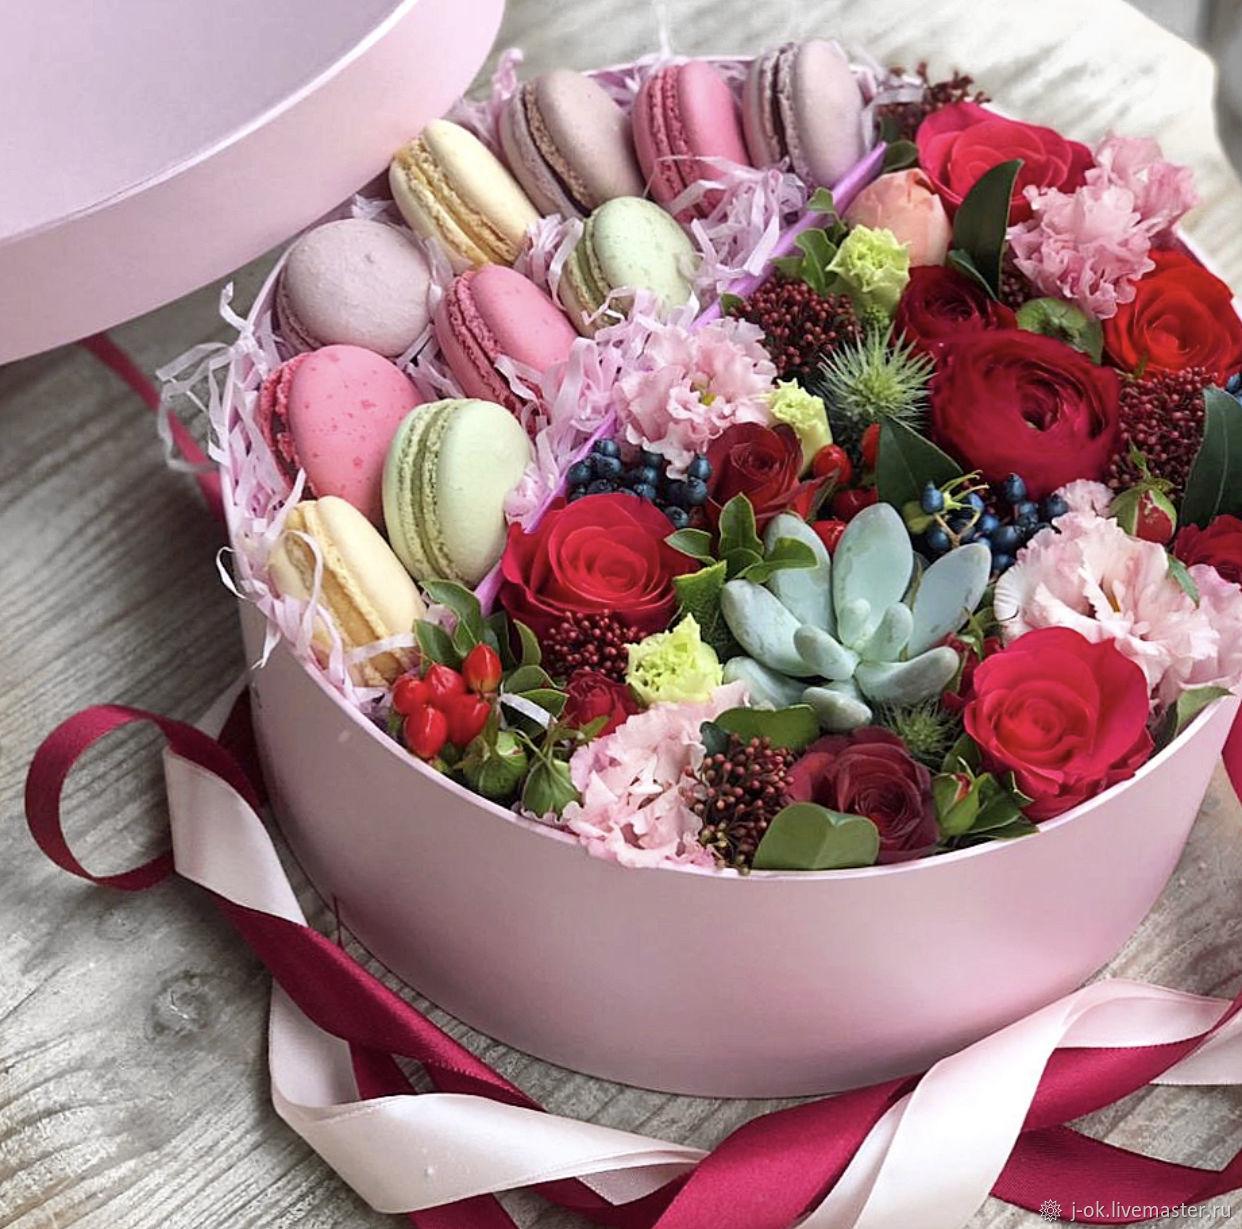 Хризантем, уфа доставка цветов спб в коробке